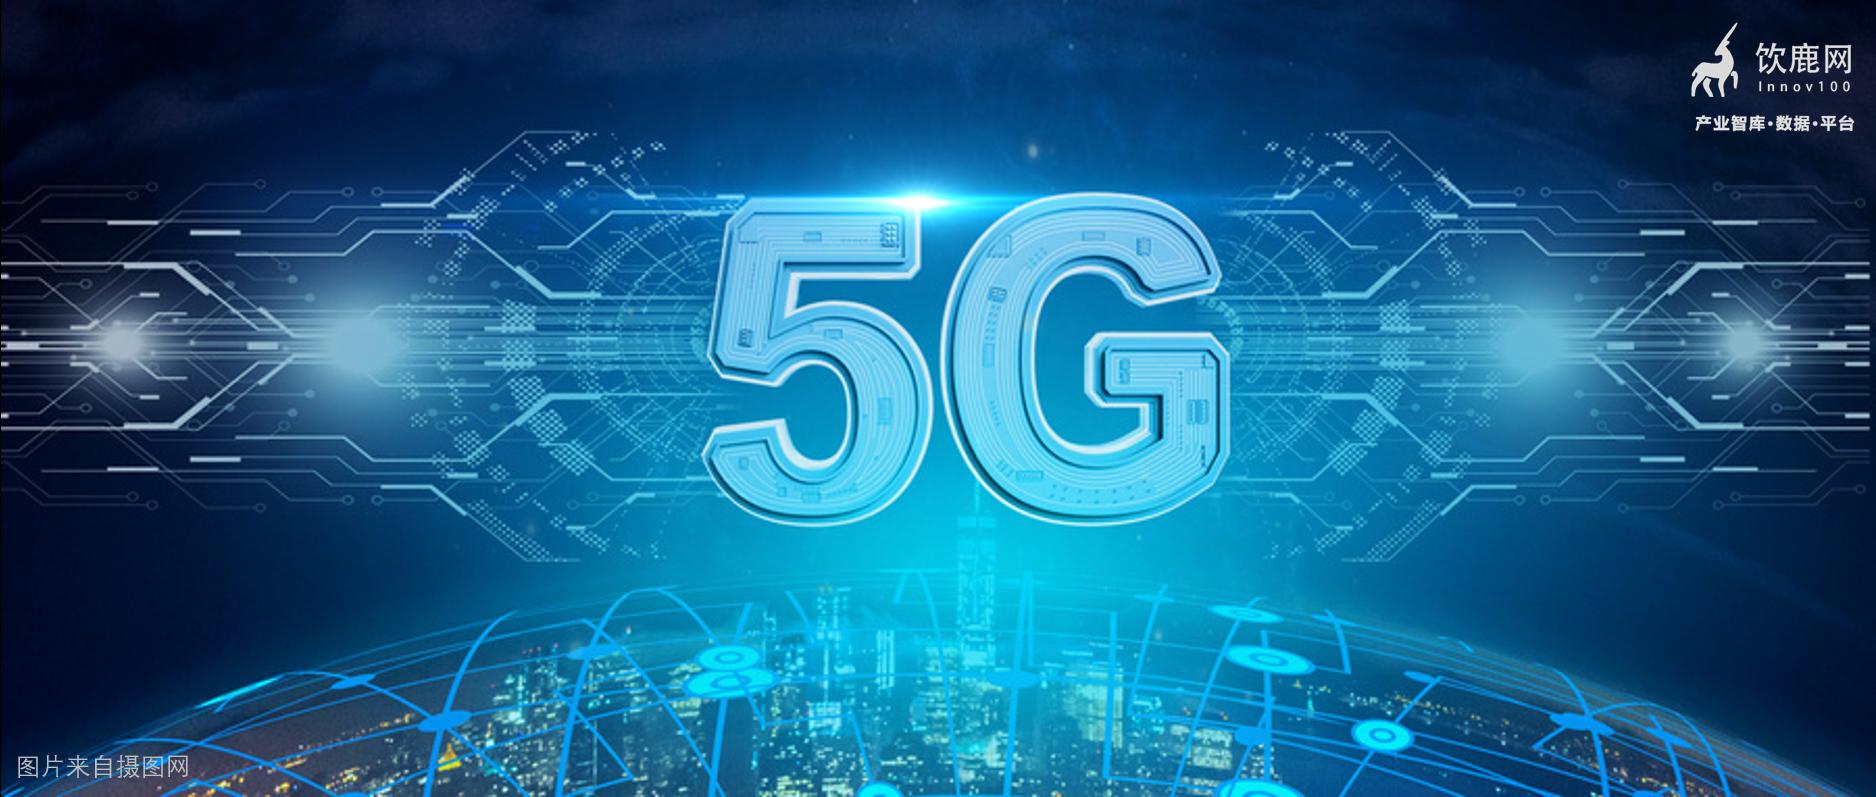 """赛智时代:""""5G+工业互联网""""如何发挥""""plus""""效应?"""